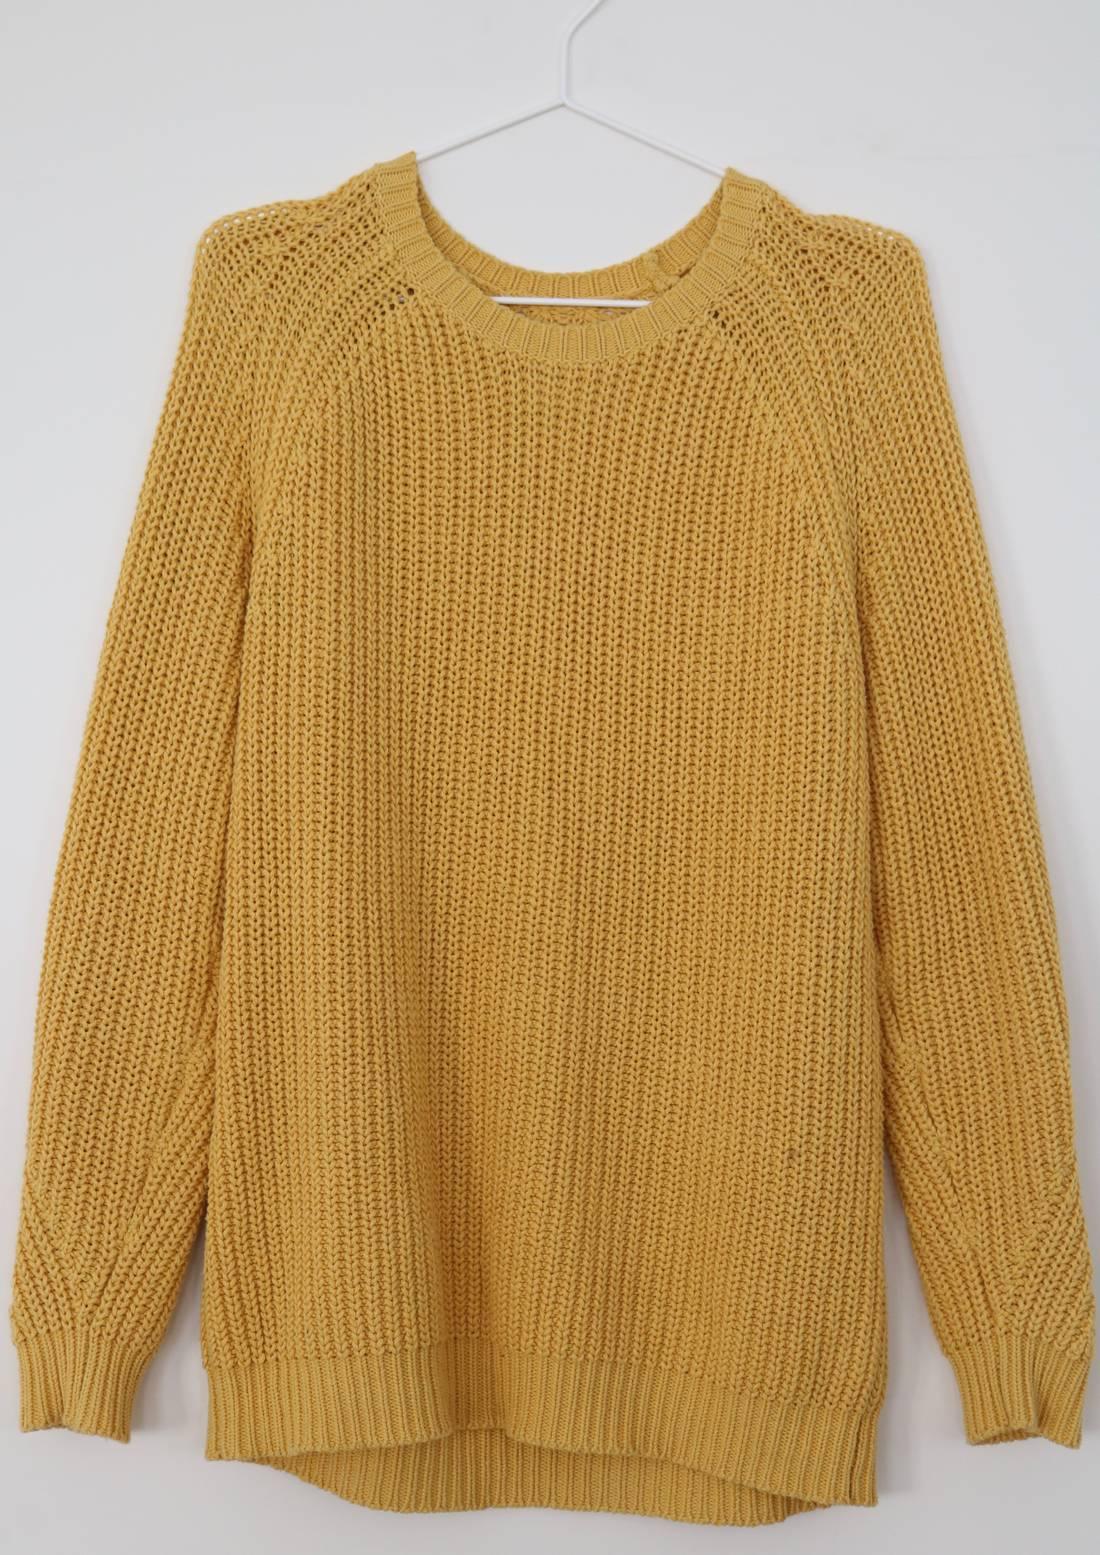 Folk Yellow Knit-Sweater Size l - Sweaters & Knitwear for Sale ...